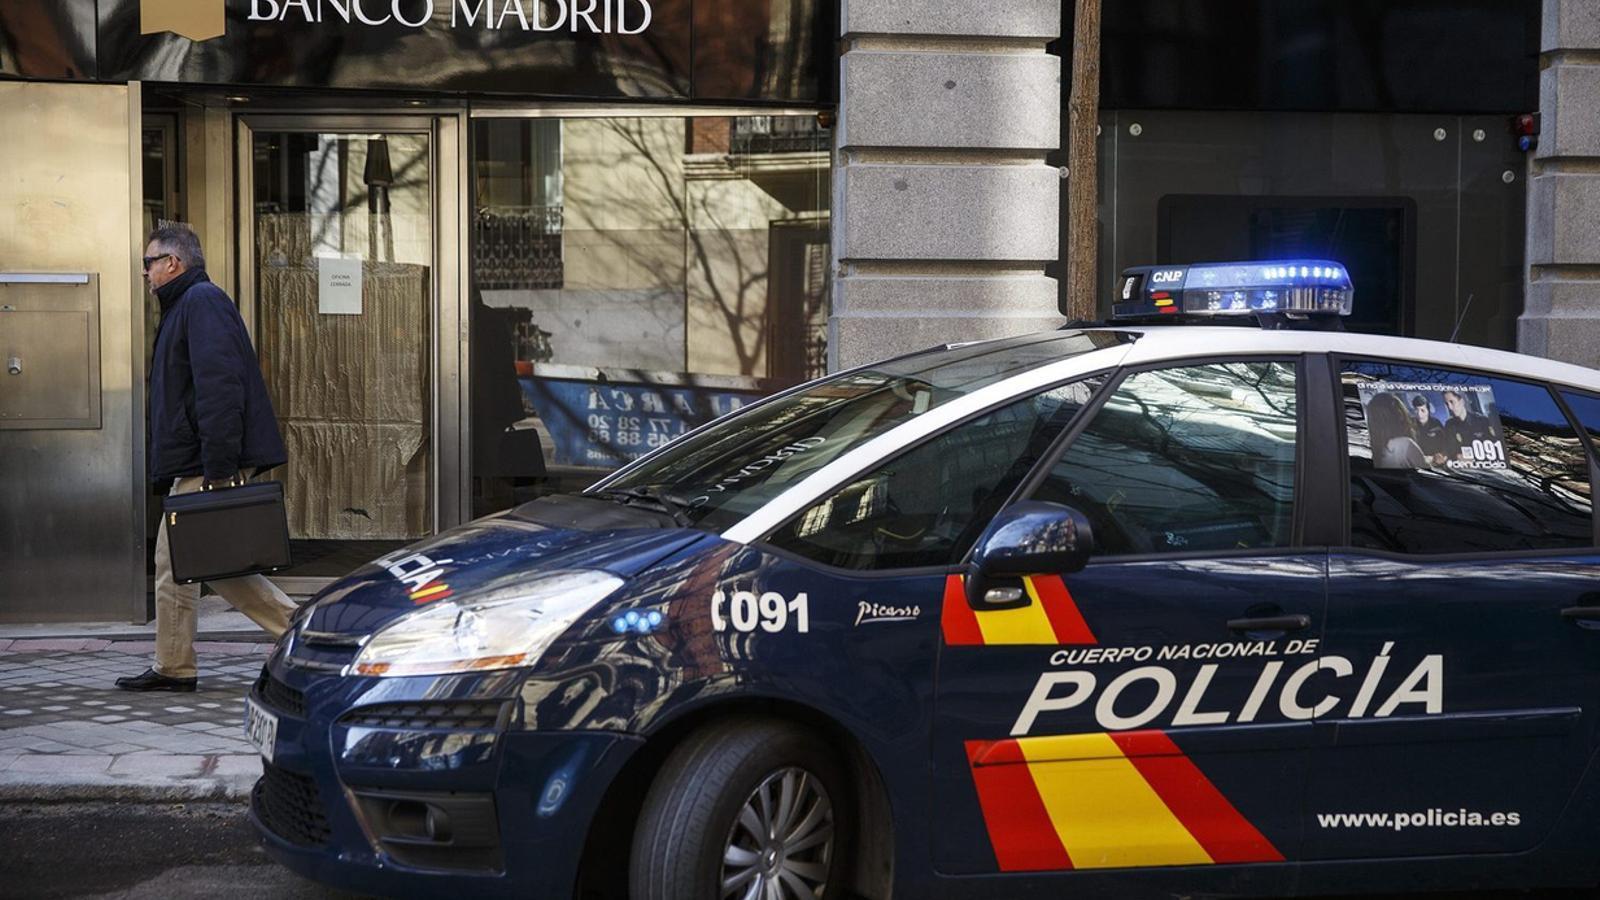 """UN RISC PER A L'ECONOMIA ESPANYOLA  La policia va escorcollar diferents oficines de Banco Madrid a mitjans de març. El jutge de l'Audiència Nacional Fernando Andreu accepta a tràmit la querella presentada per dos clients perquè entén que Banco Madrid i la seva excúpula podrien haver causat """"nombrosos"""" perjudicis no només als dipositants i inversors, sinó també a l'economia espanyola."""